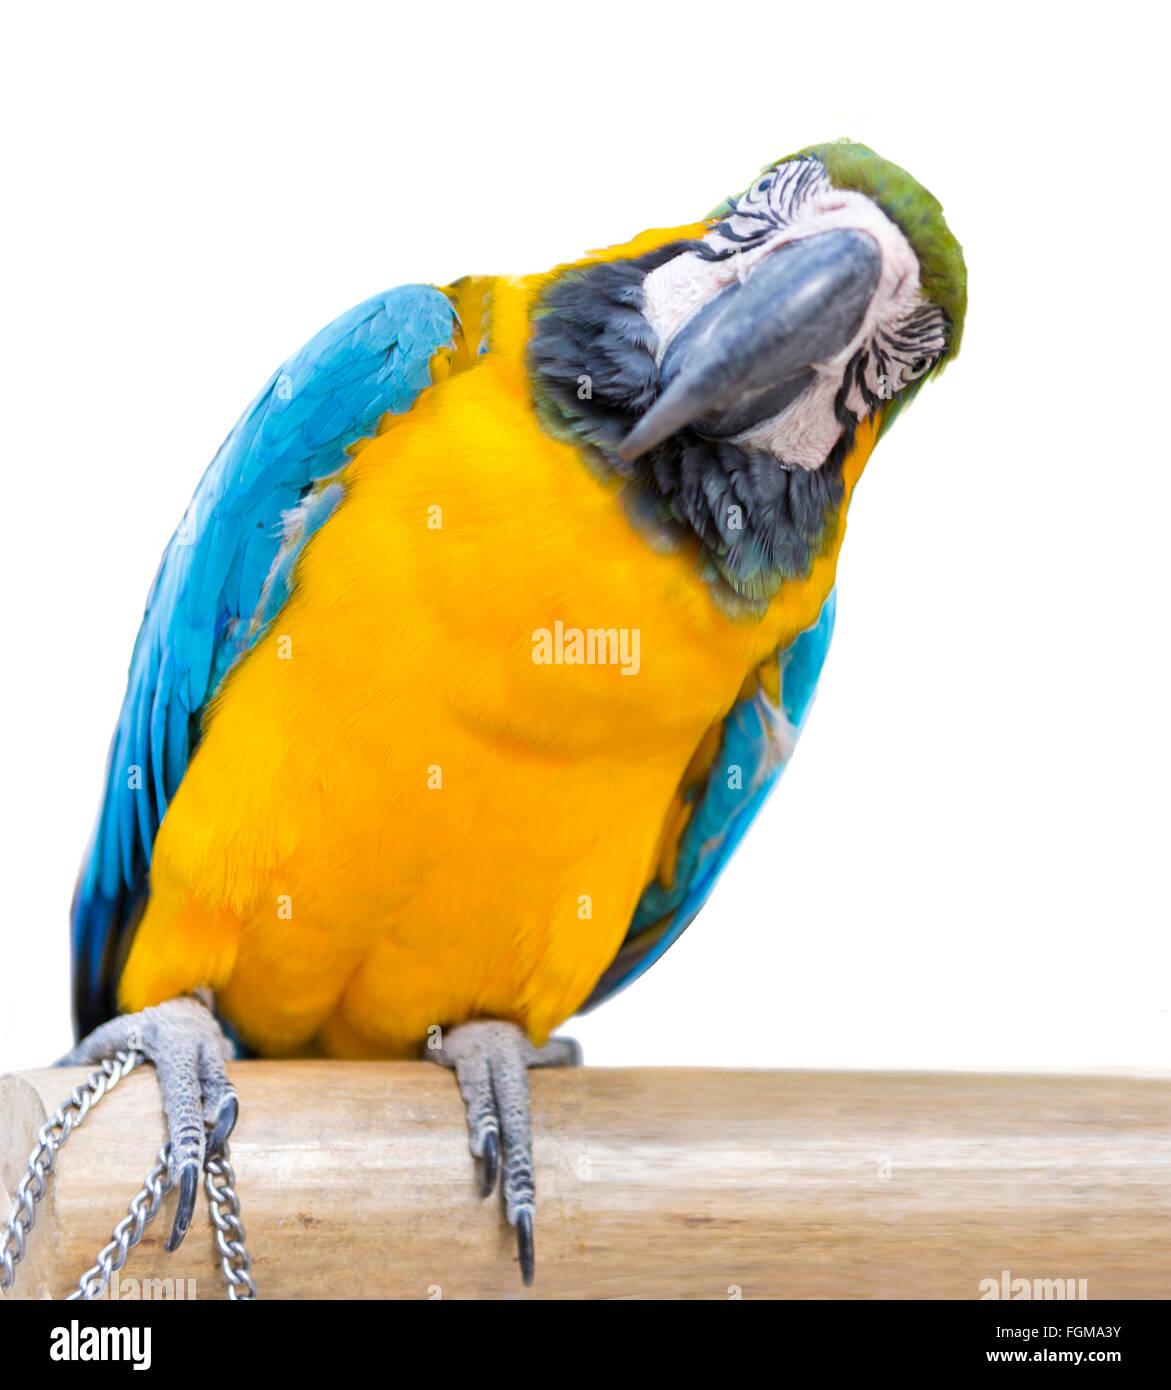 Animali domestici, bird, Parrot, animali, giallo macaw, uccelli, colorata, blu, animale, multi, sfondo, isolato, Immagini Stock